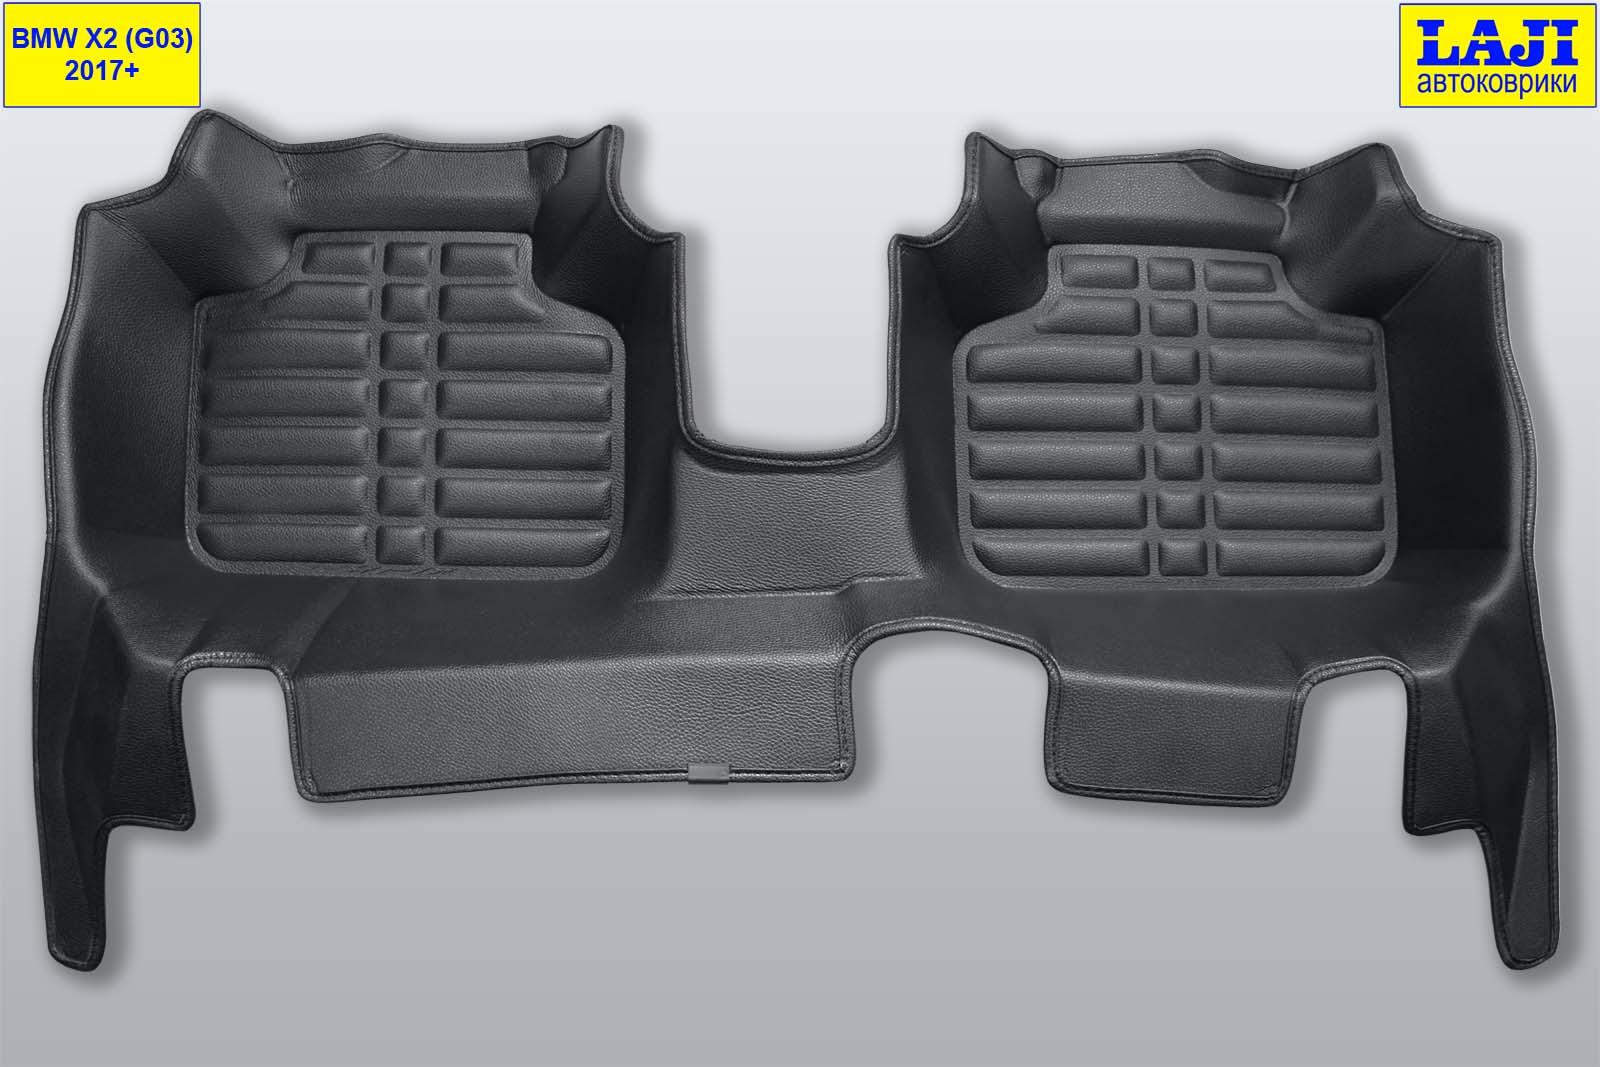 5D коврики в салон BMW X2 (G03) 2017-н.в. 10